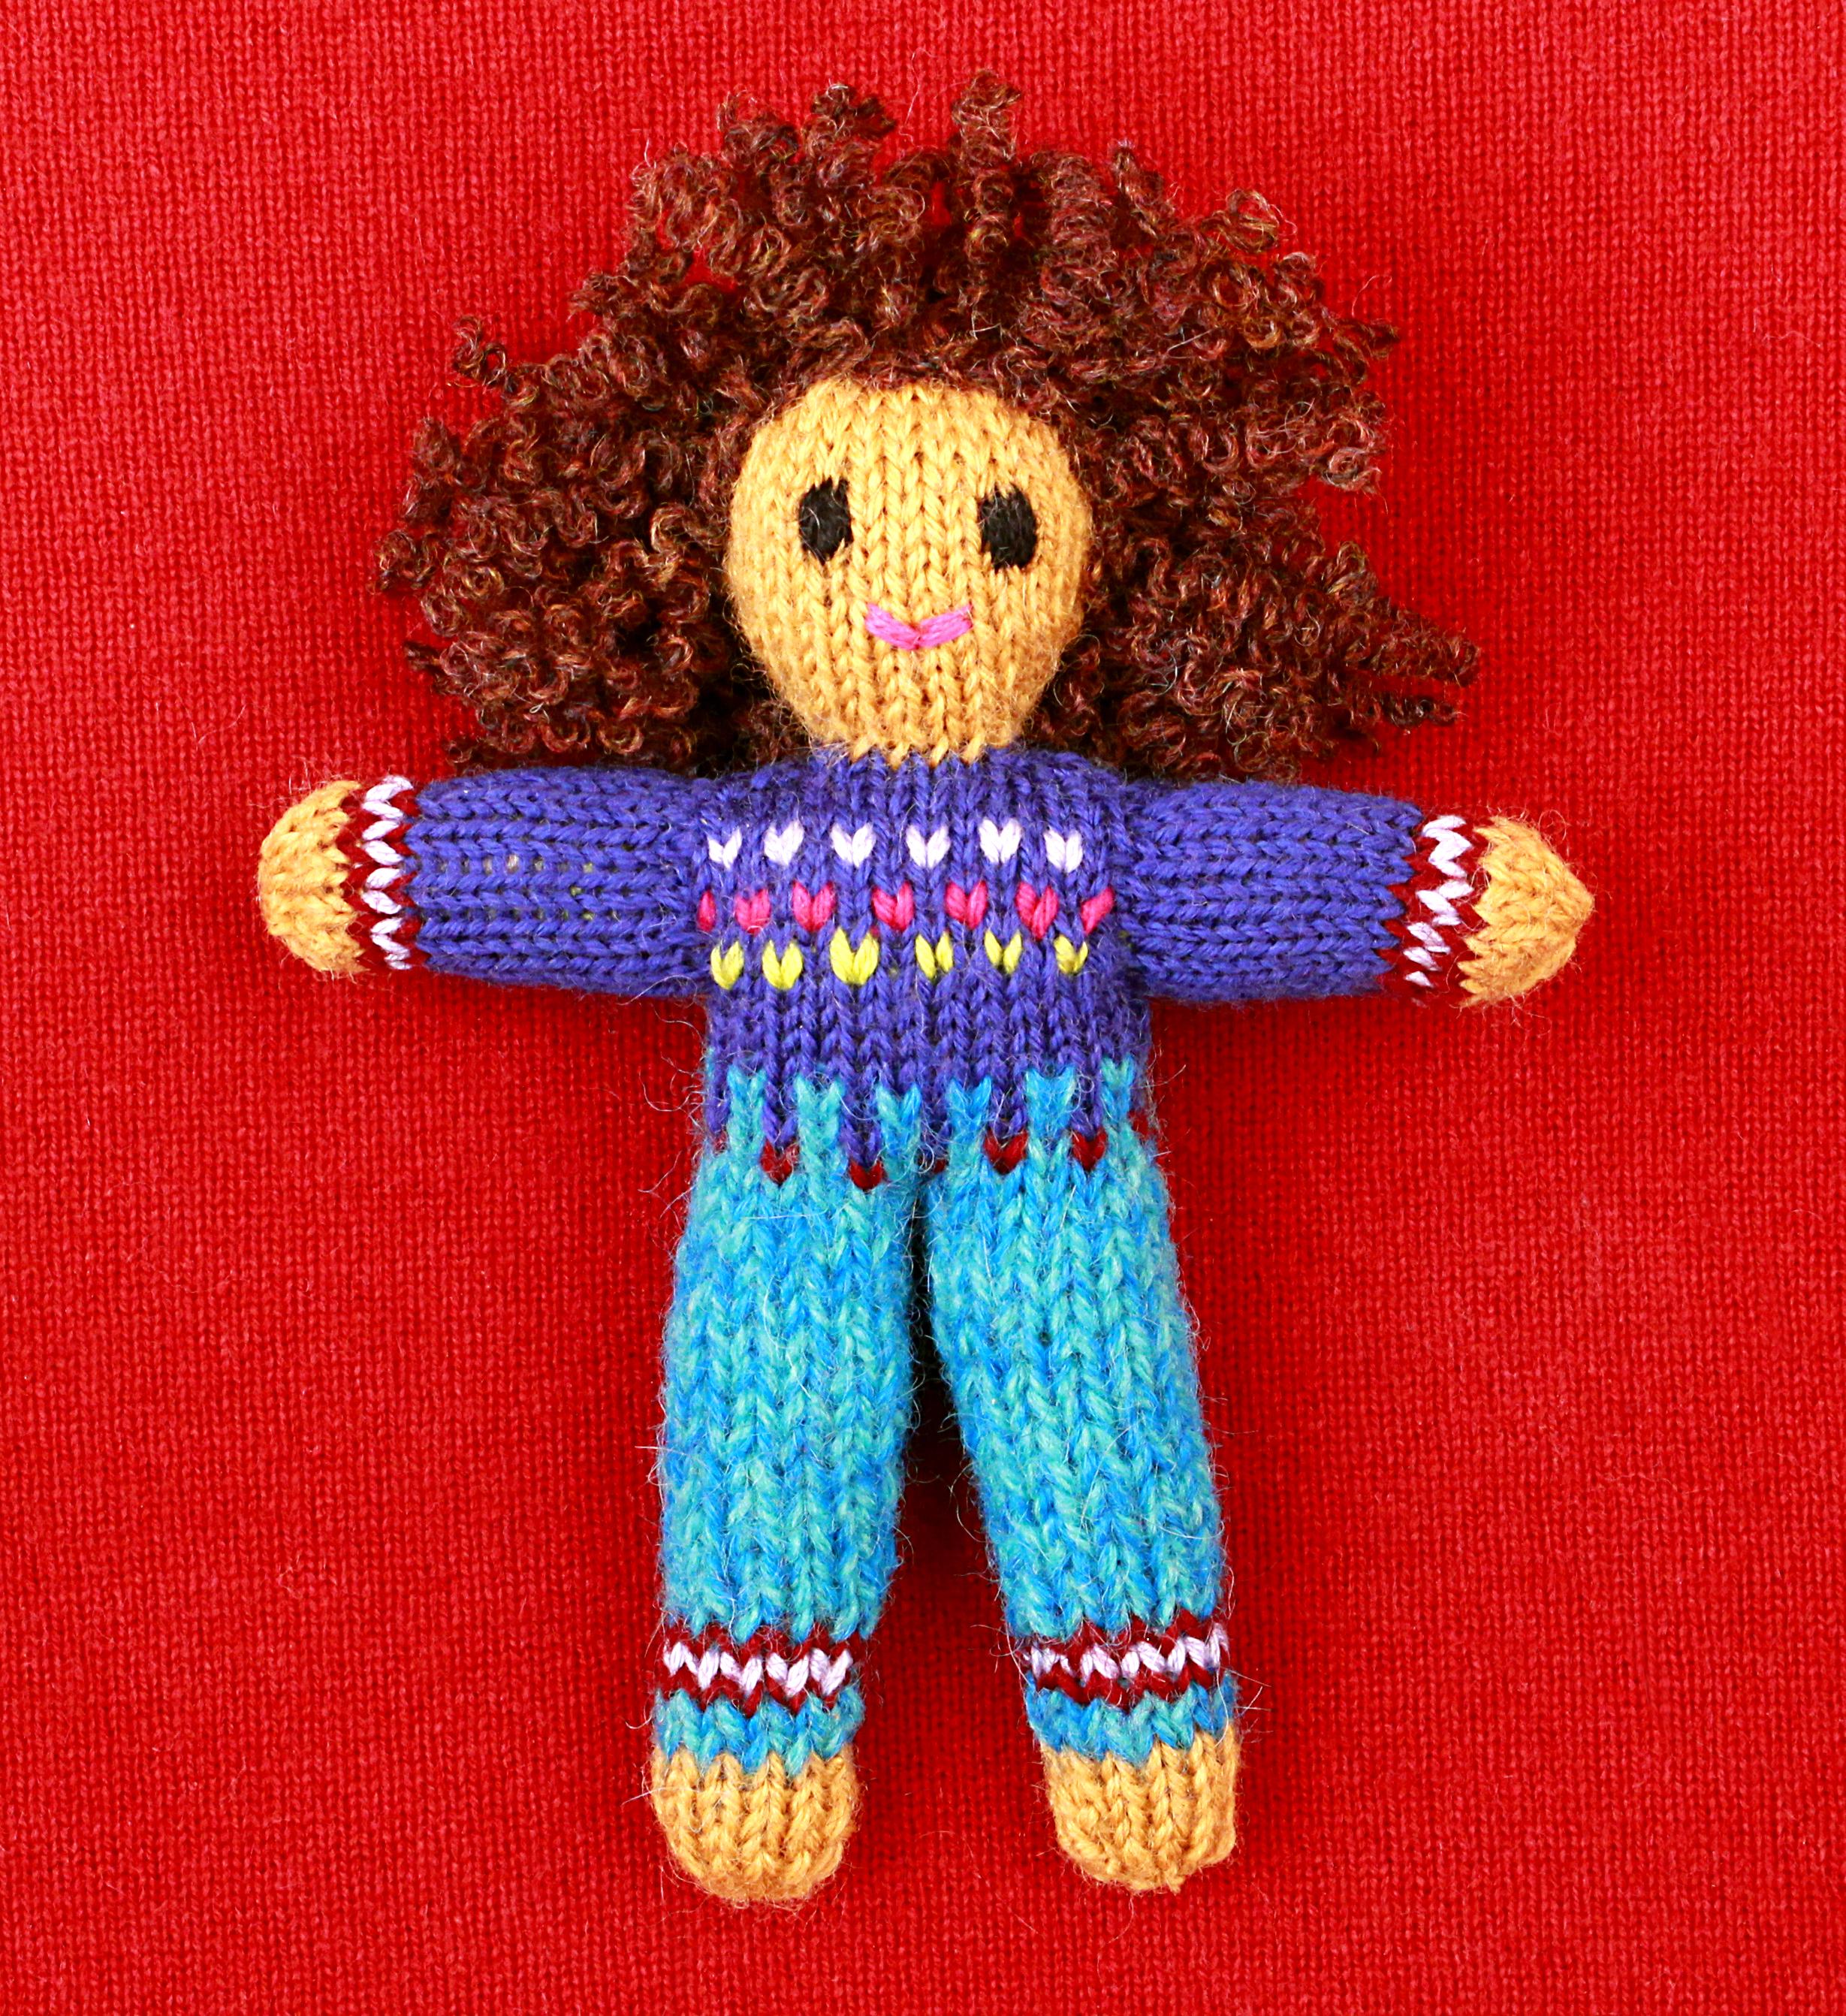 Wee Woolie doll #D0227.